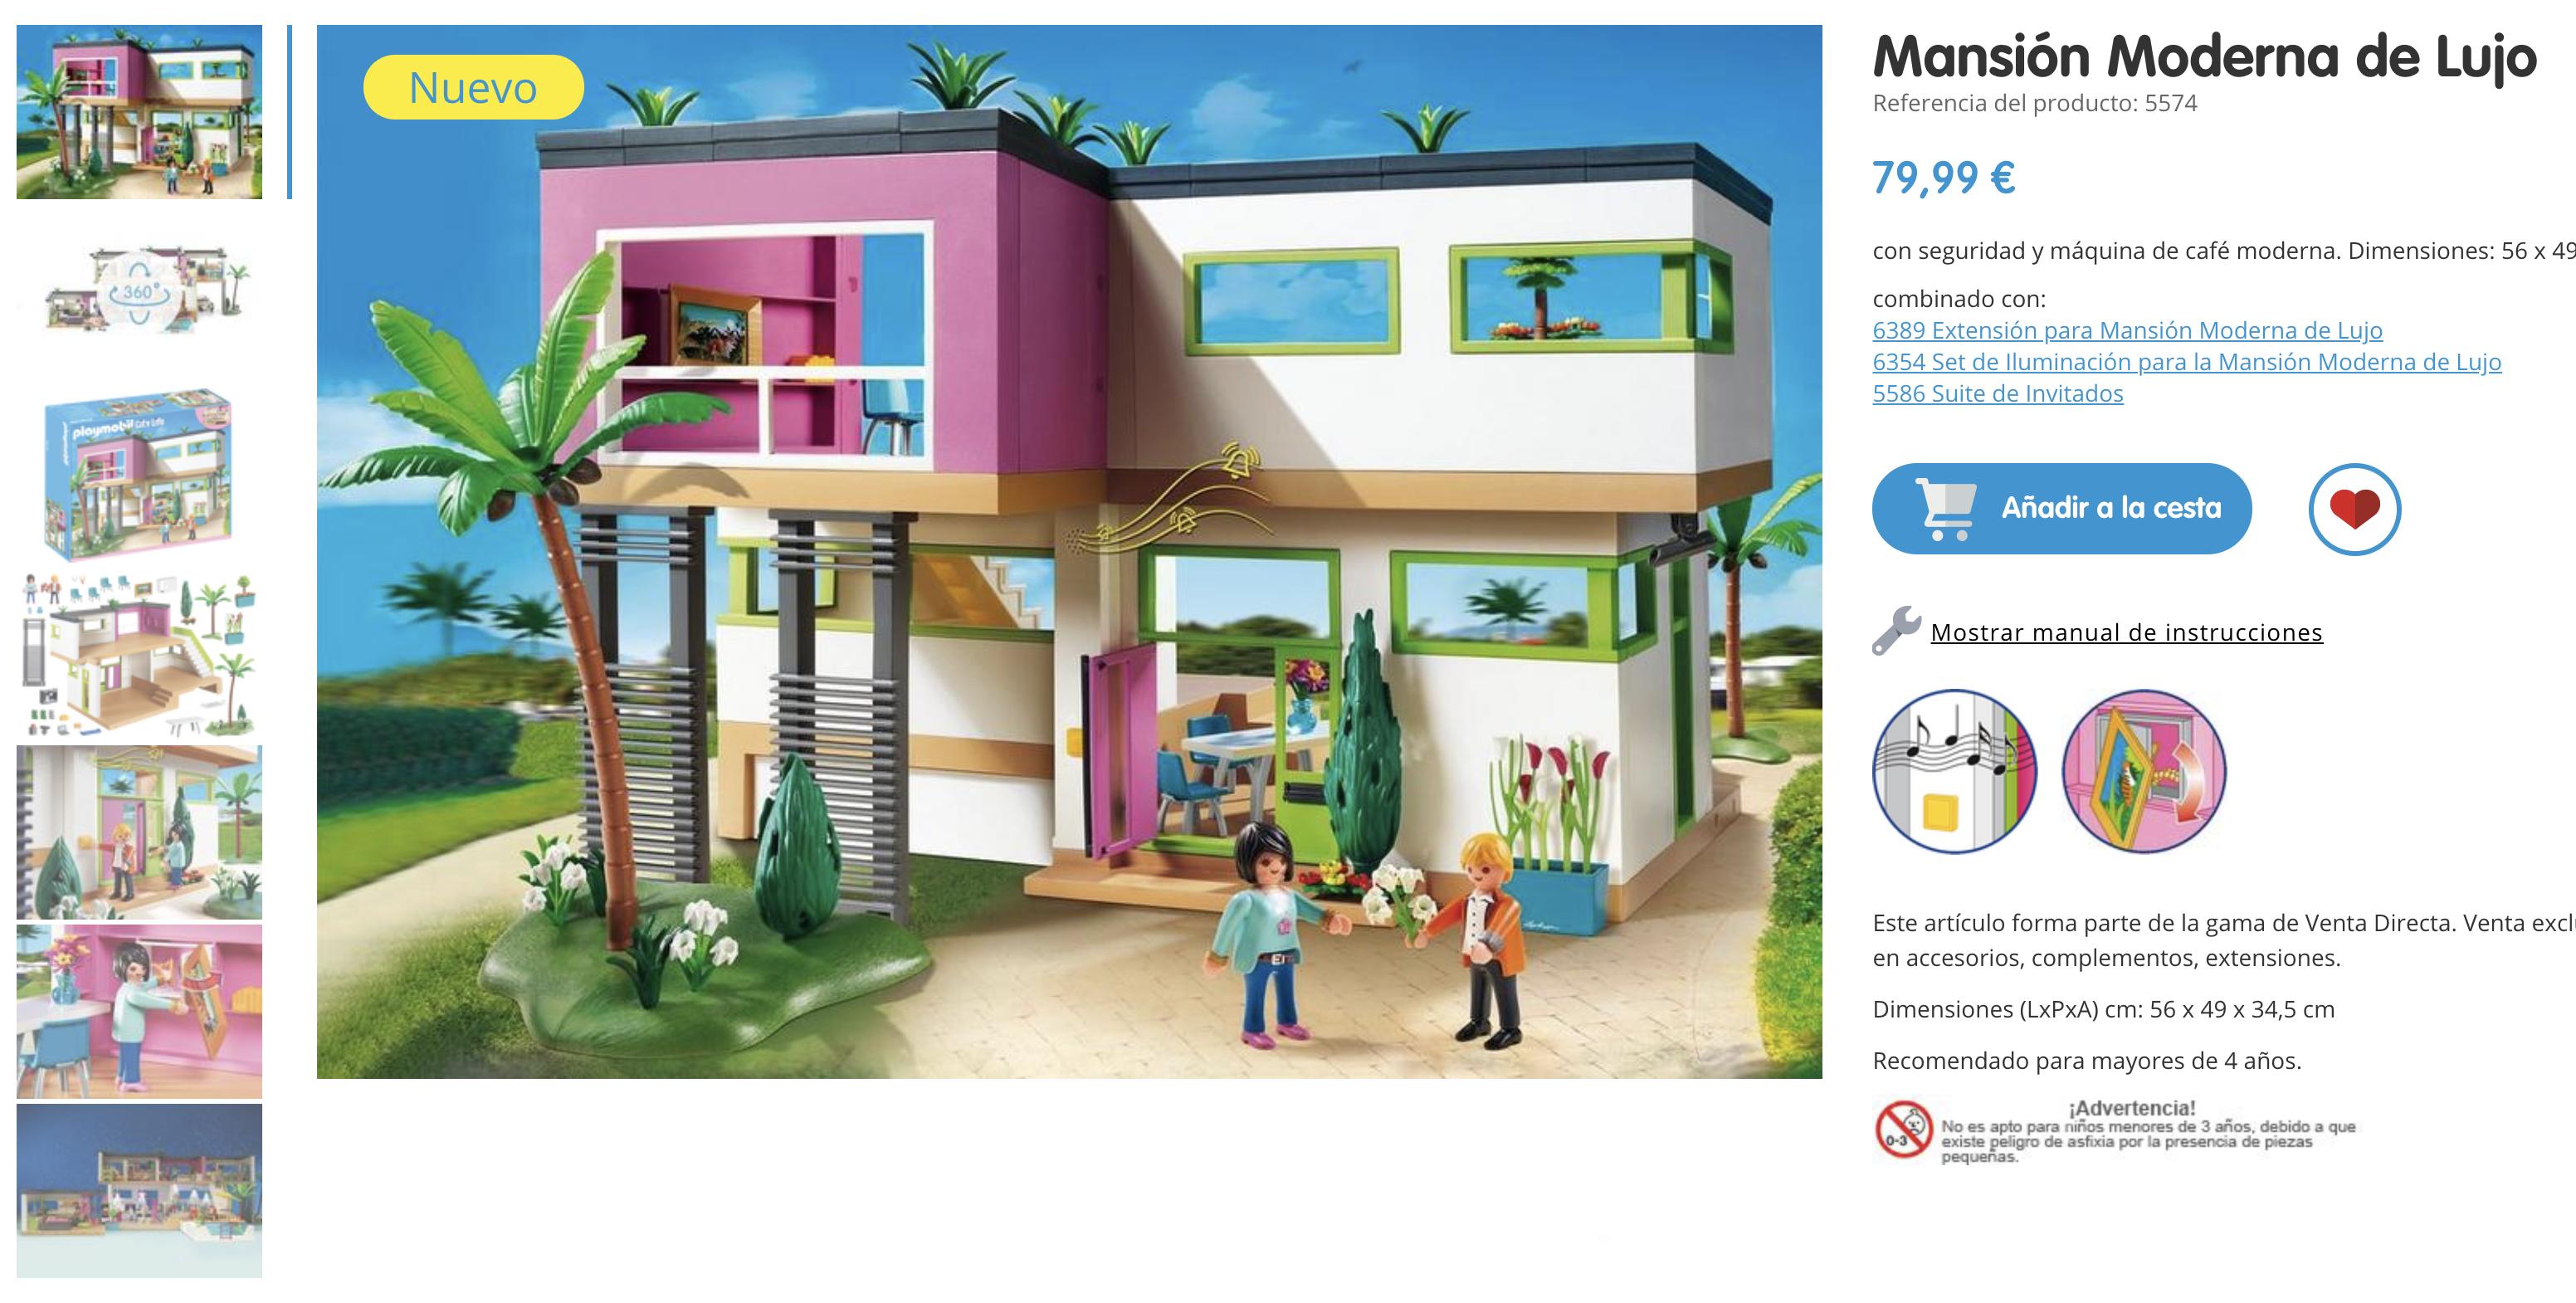 Igo errej n se gasta 79 99 euros en la mansi n moderna for Playmobil casa de lujo